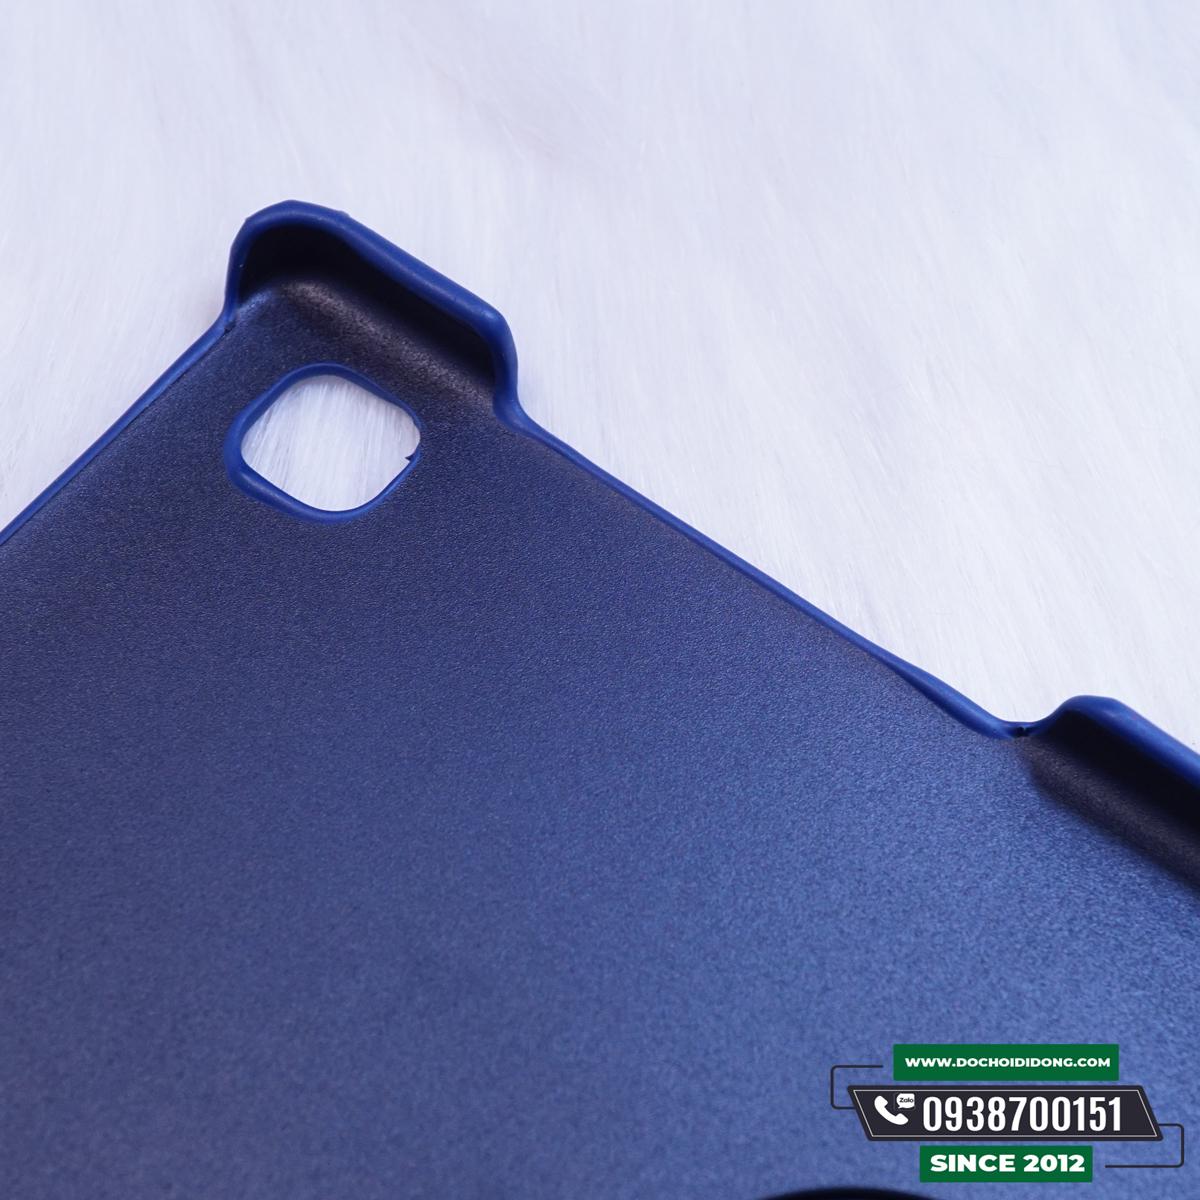 bao-da-samsung-tab-a7-lite-8-7-inch-t220-t225-2021-xoay-360-do